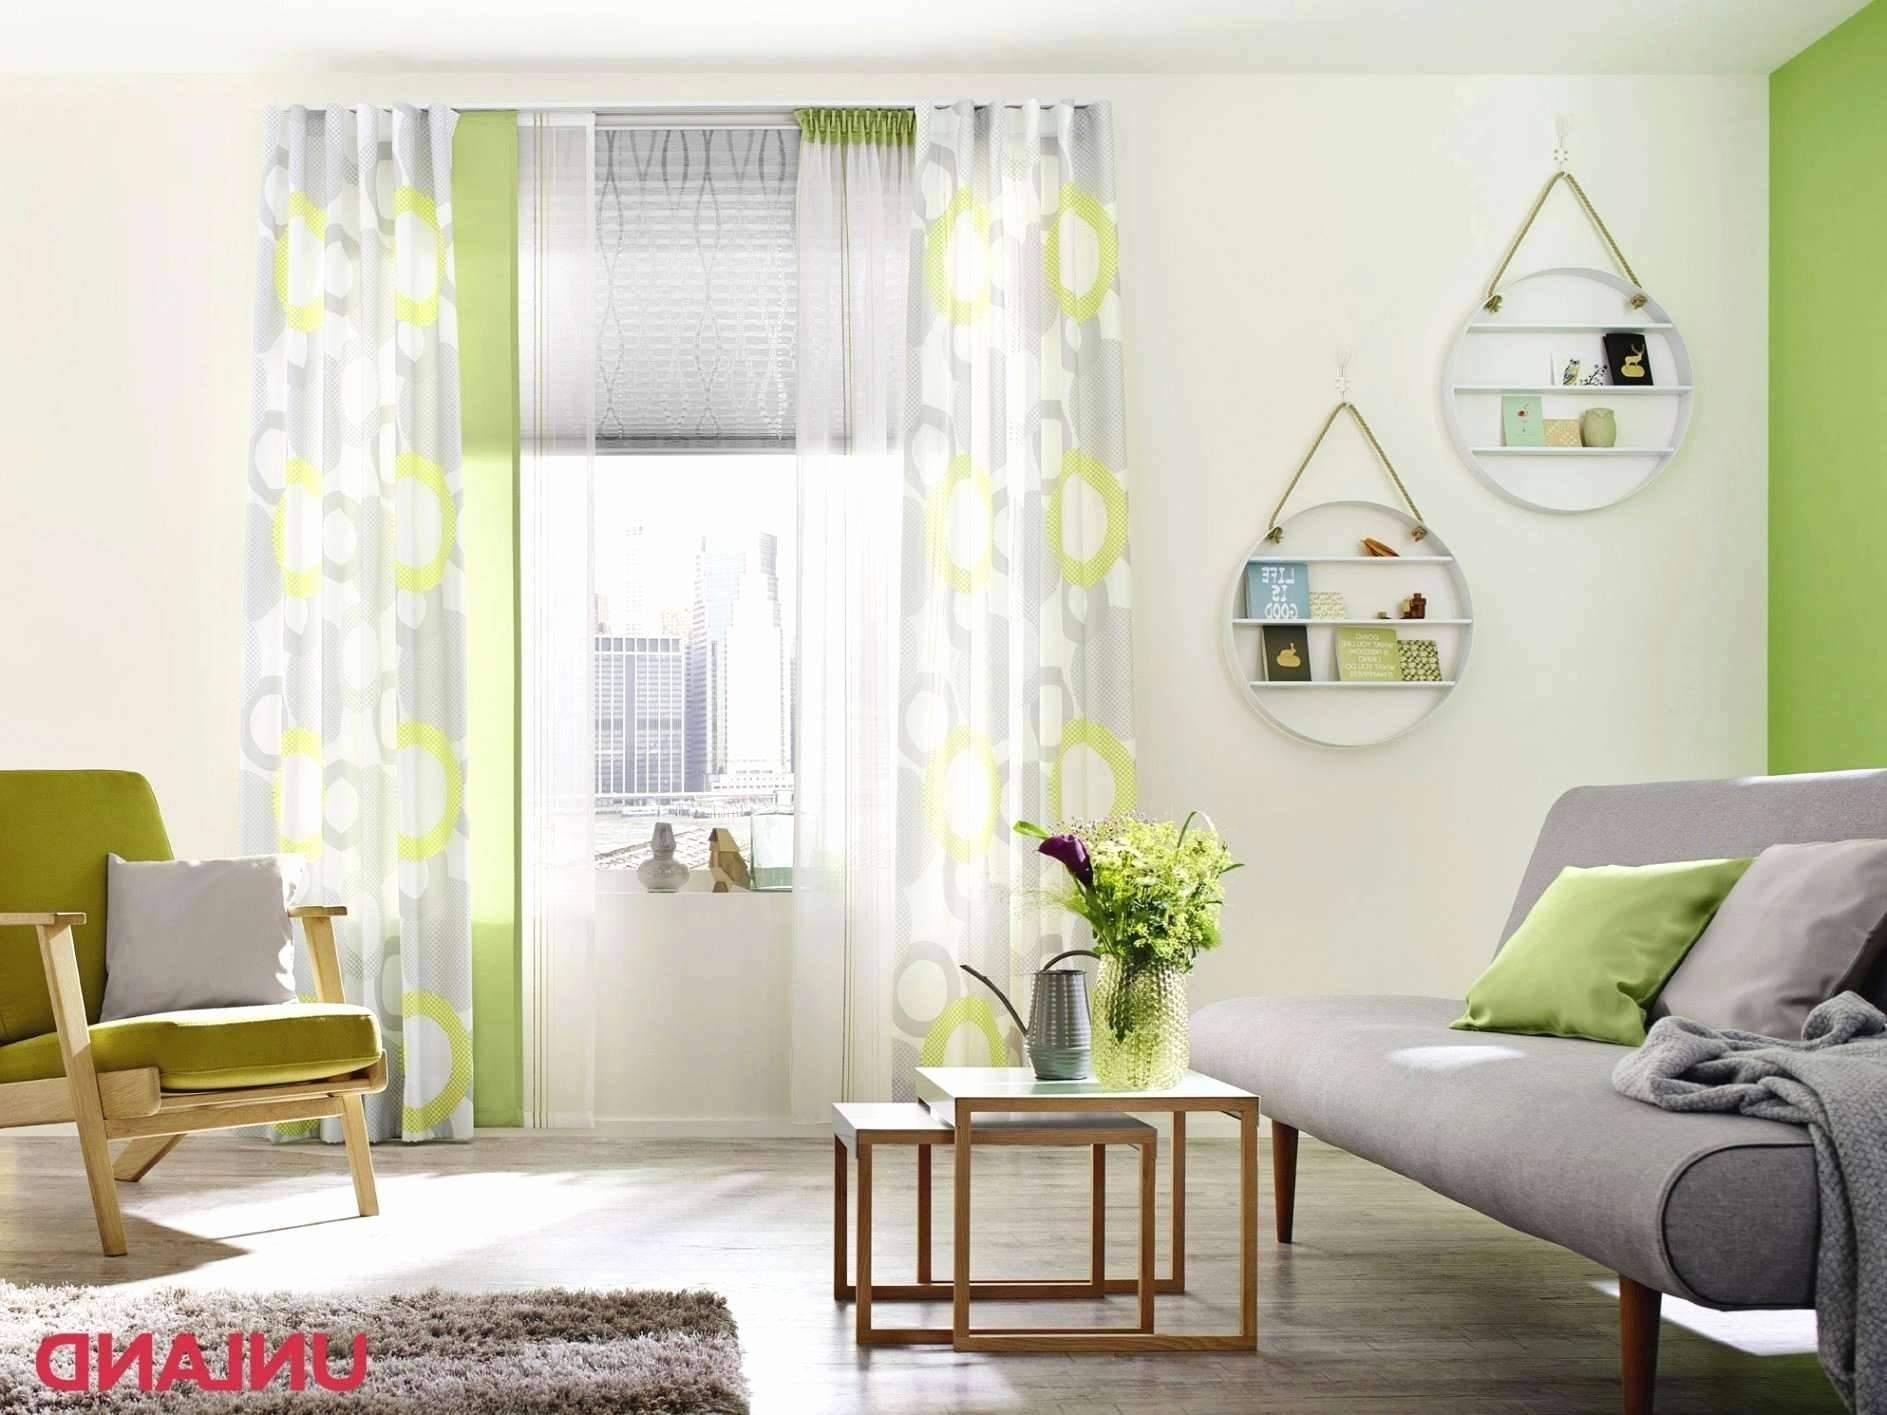 wohnzimmer deko online shop reizend wohnzimmer deko line shop elegant of wohnzimmer deko online shop 1